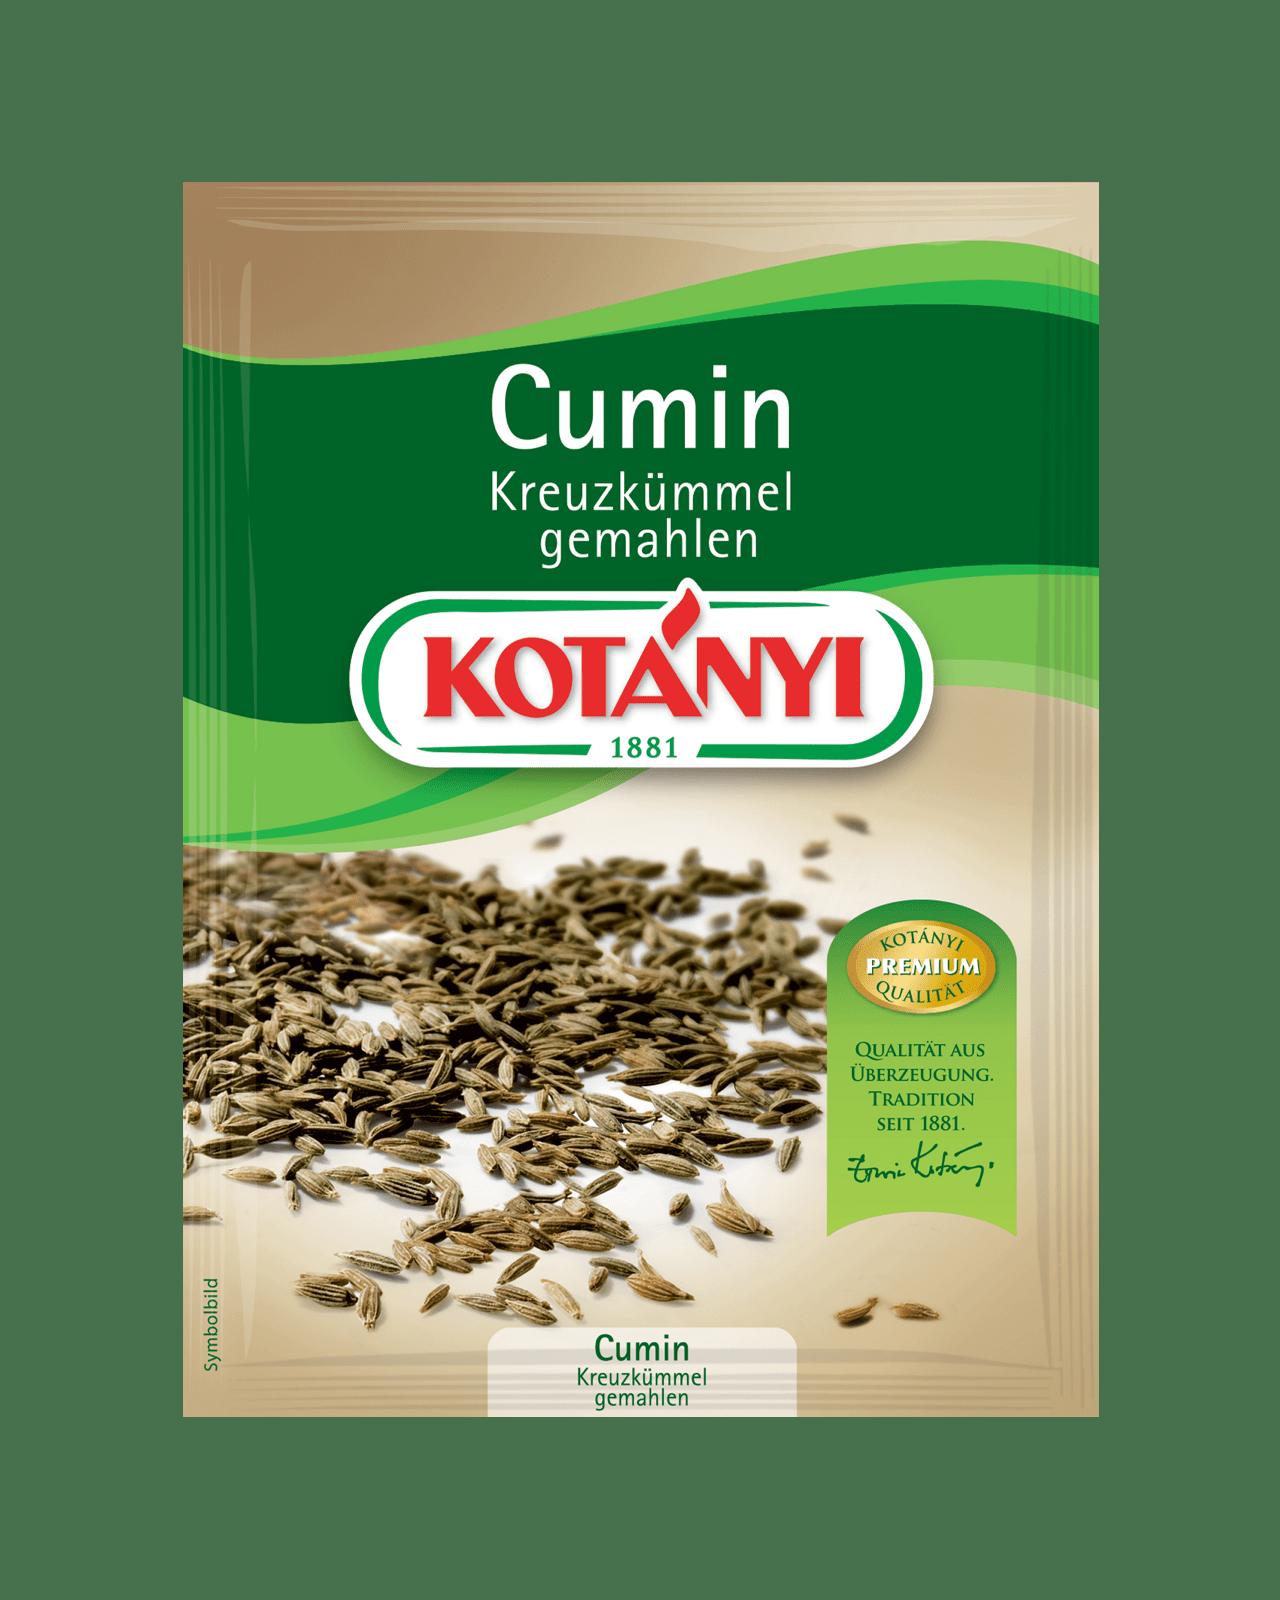 Kotányi Cumin Kreuzkümmel Gemahlen im Brief